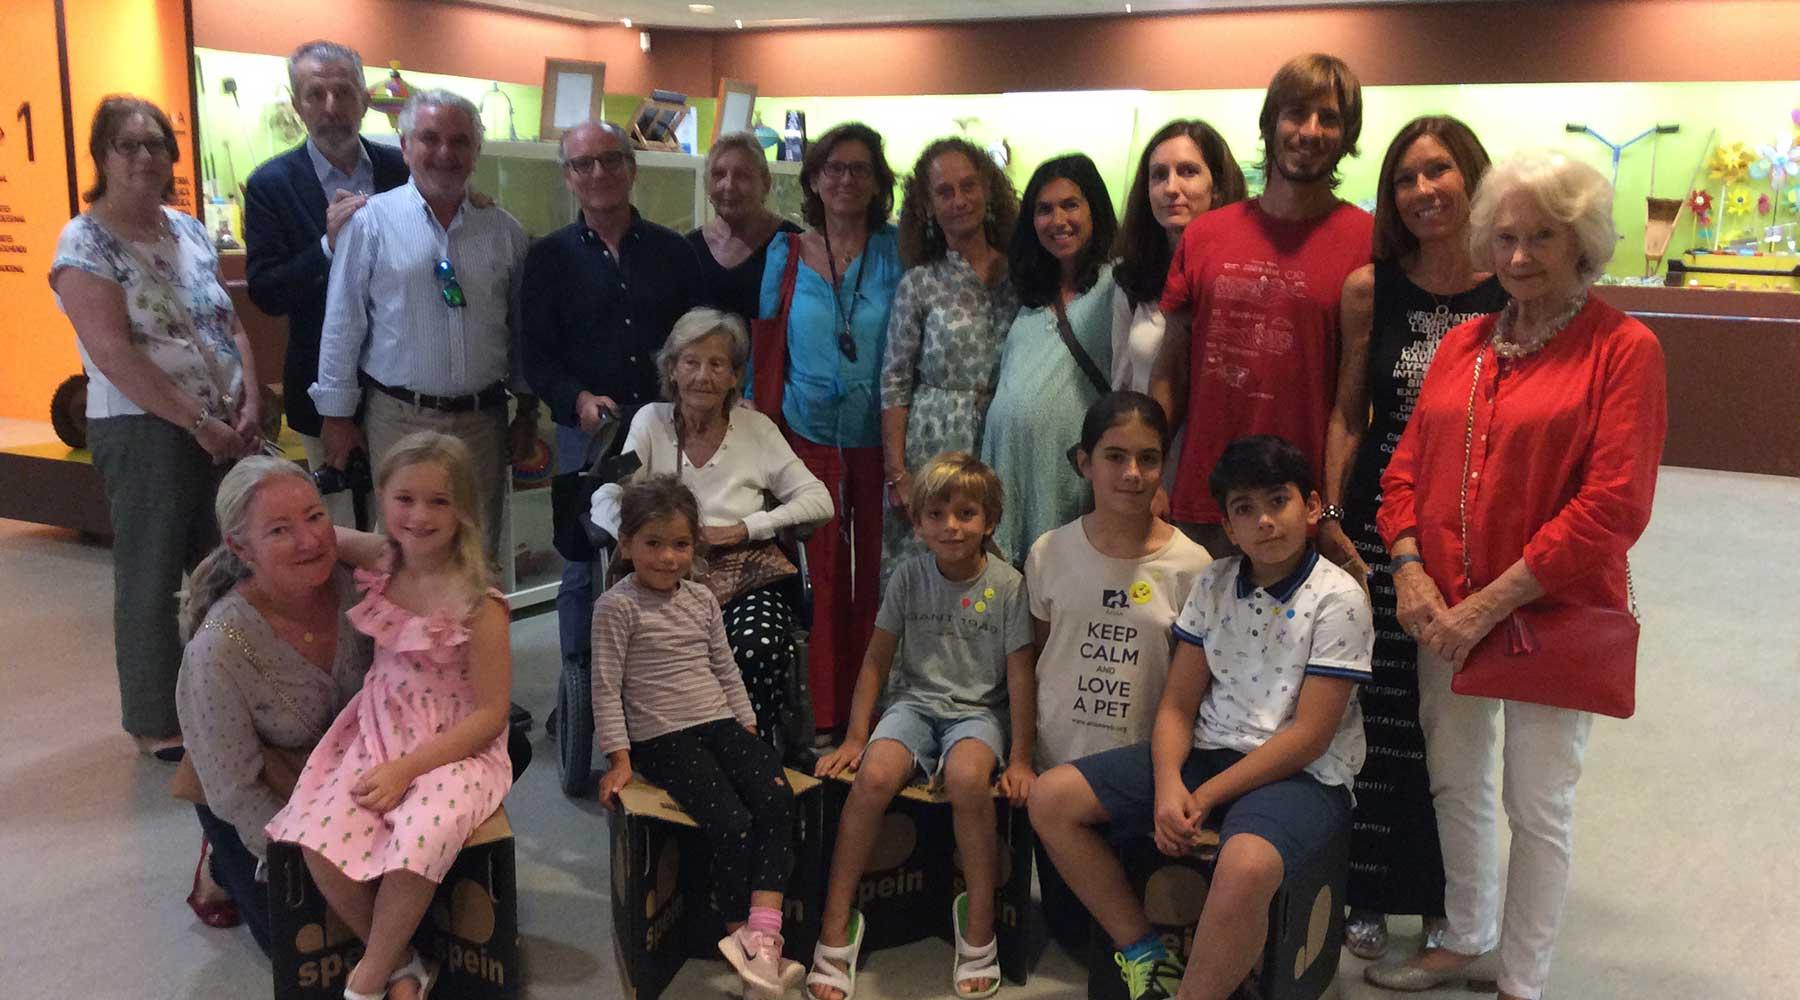 Domingo lúdico no Melga coa saga familiar dos Álvarez de Sotomayor